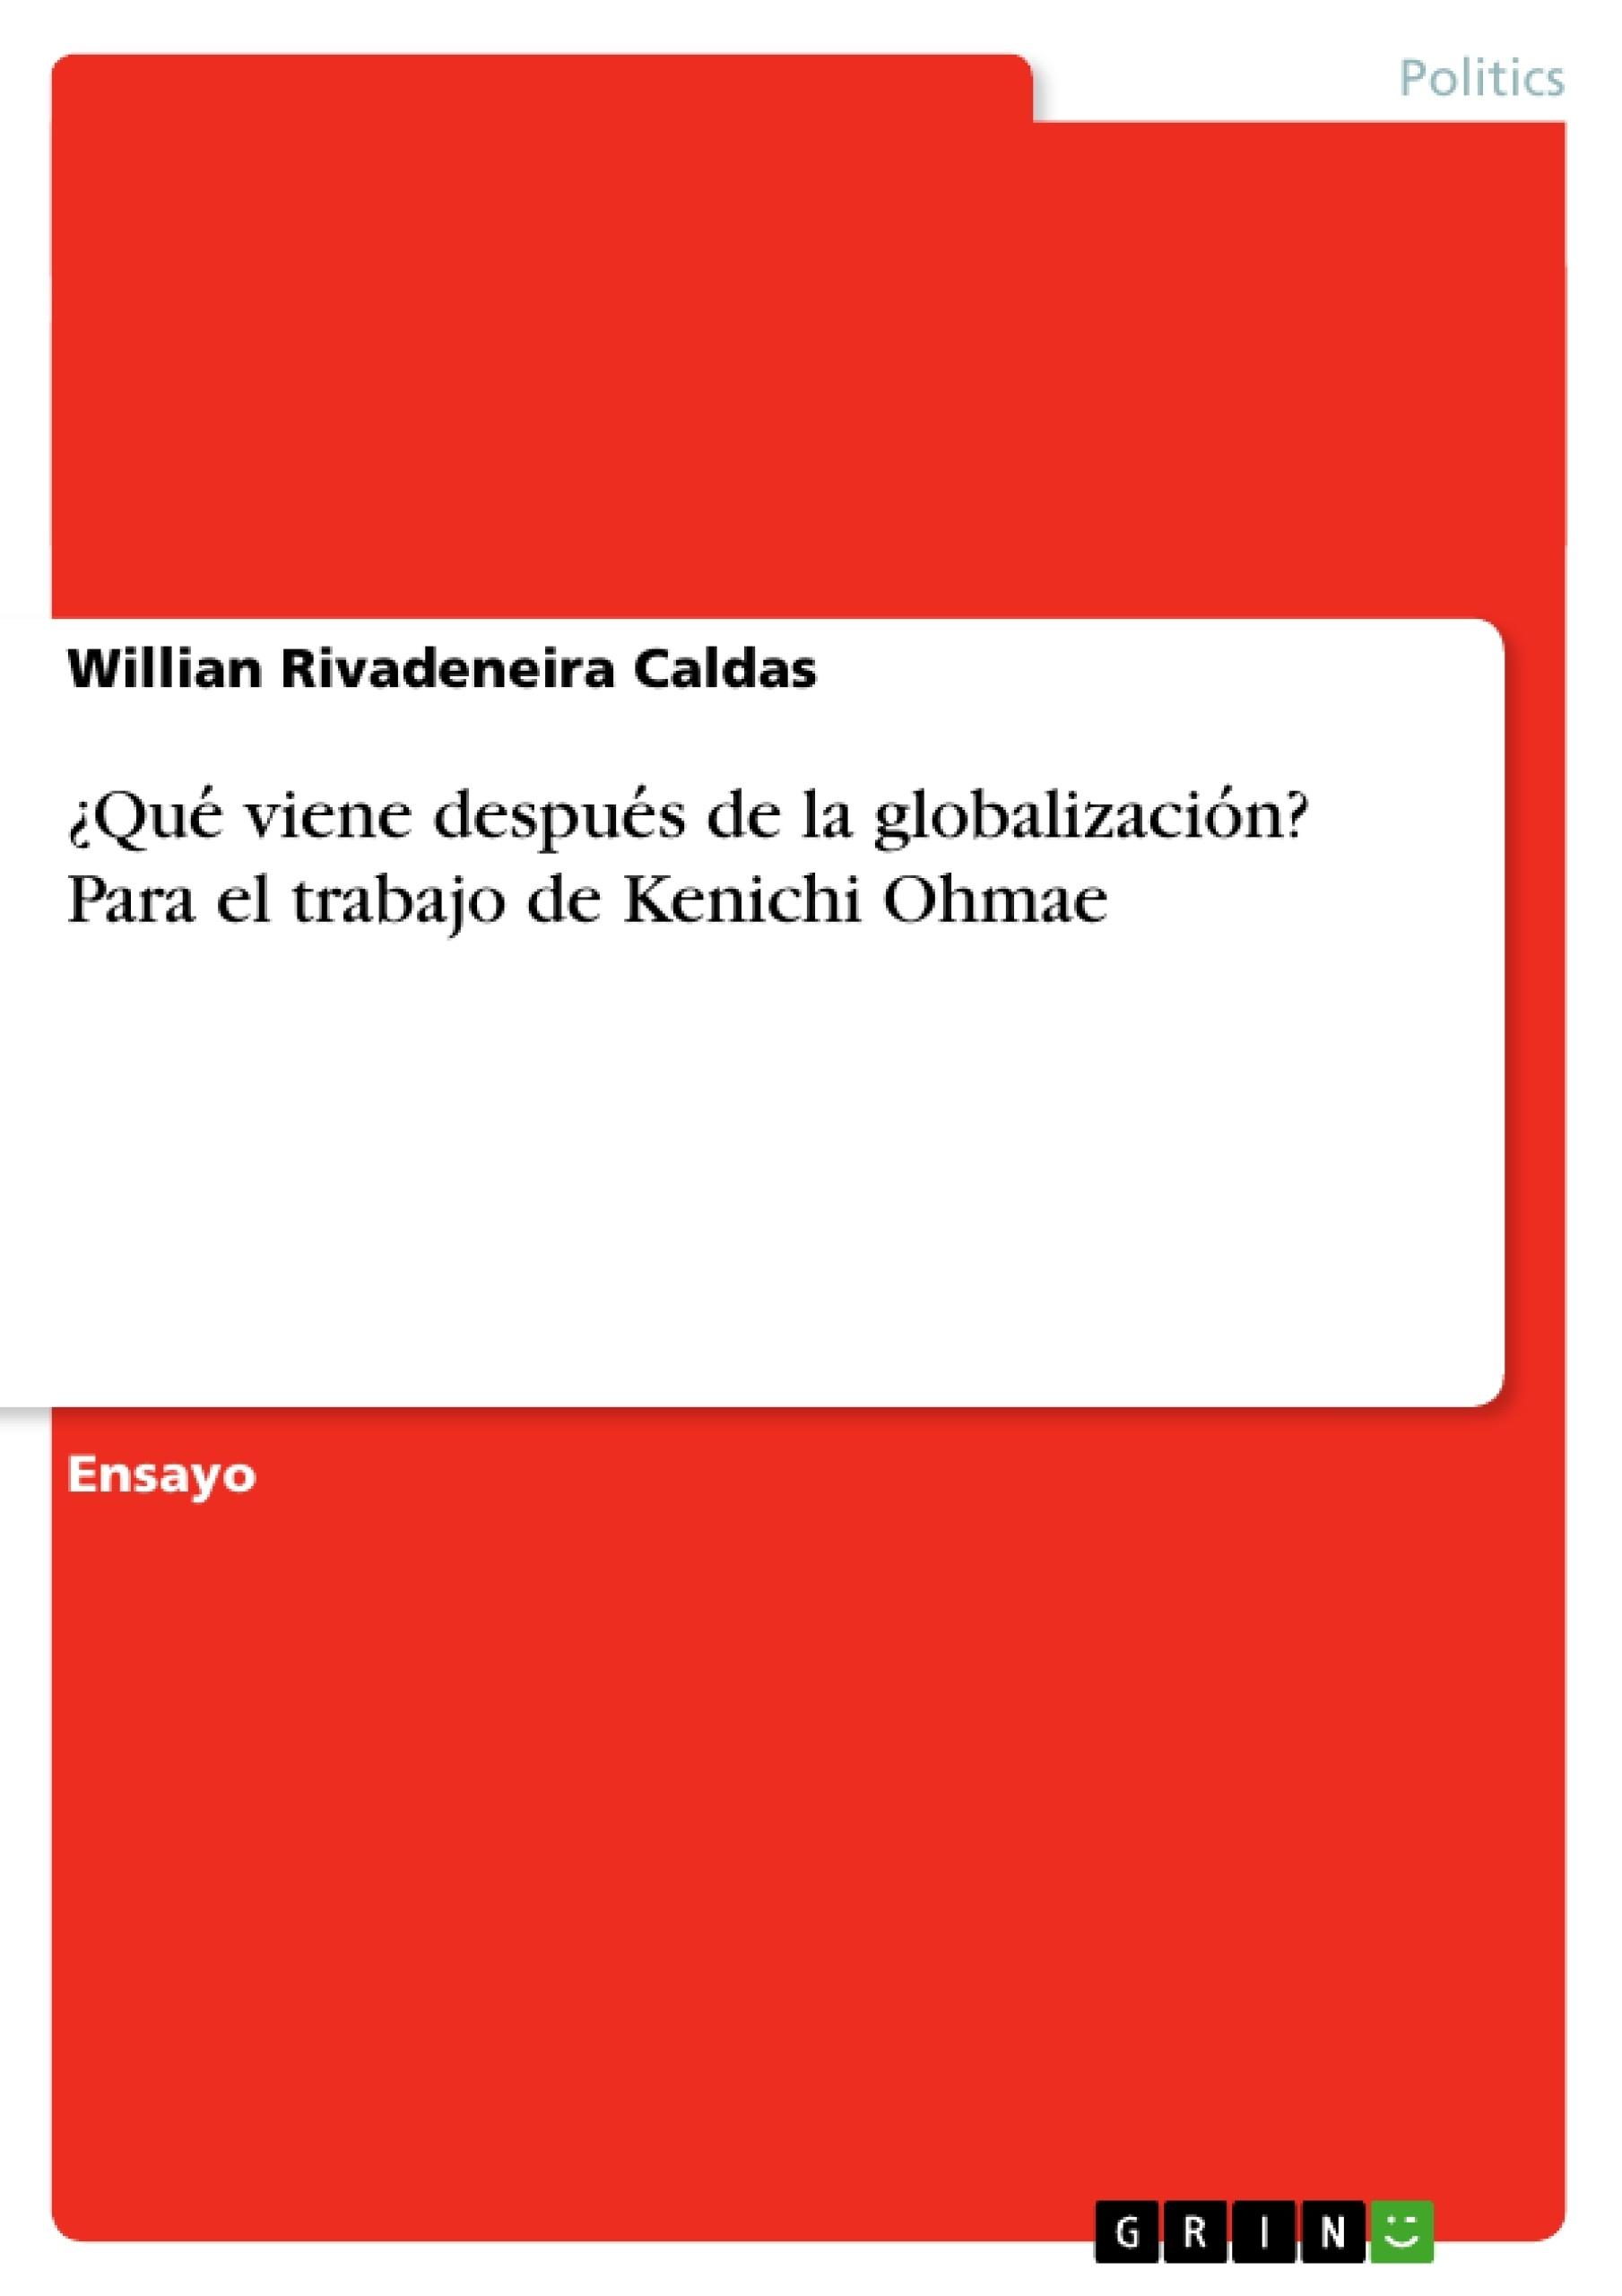 Título: ¿Qué viene después de la globalización? Para el trabajo de Kenichi Ohmae